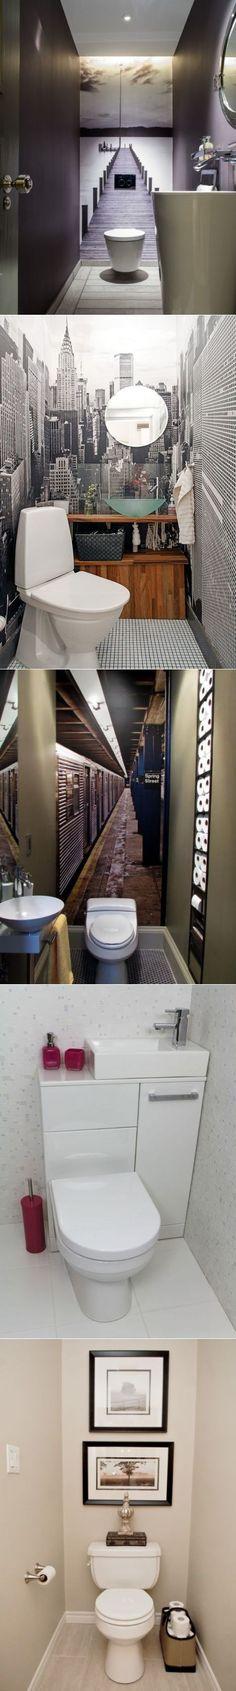 Idée décoration Salle de bain  ; Маленький санузел: 17 интересных идей для о